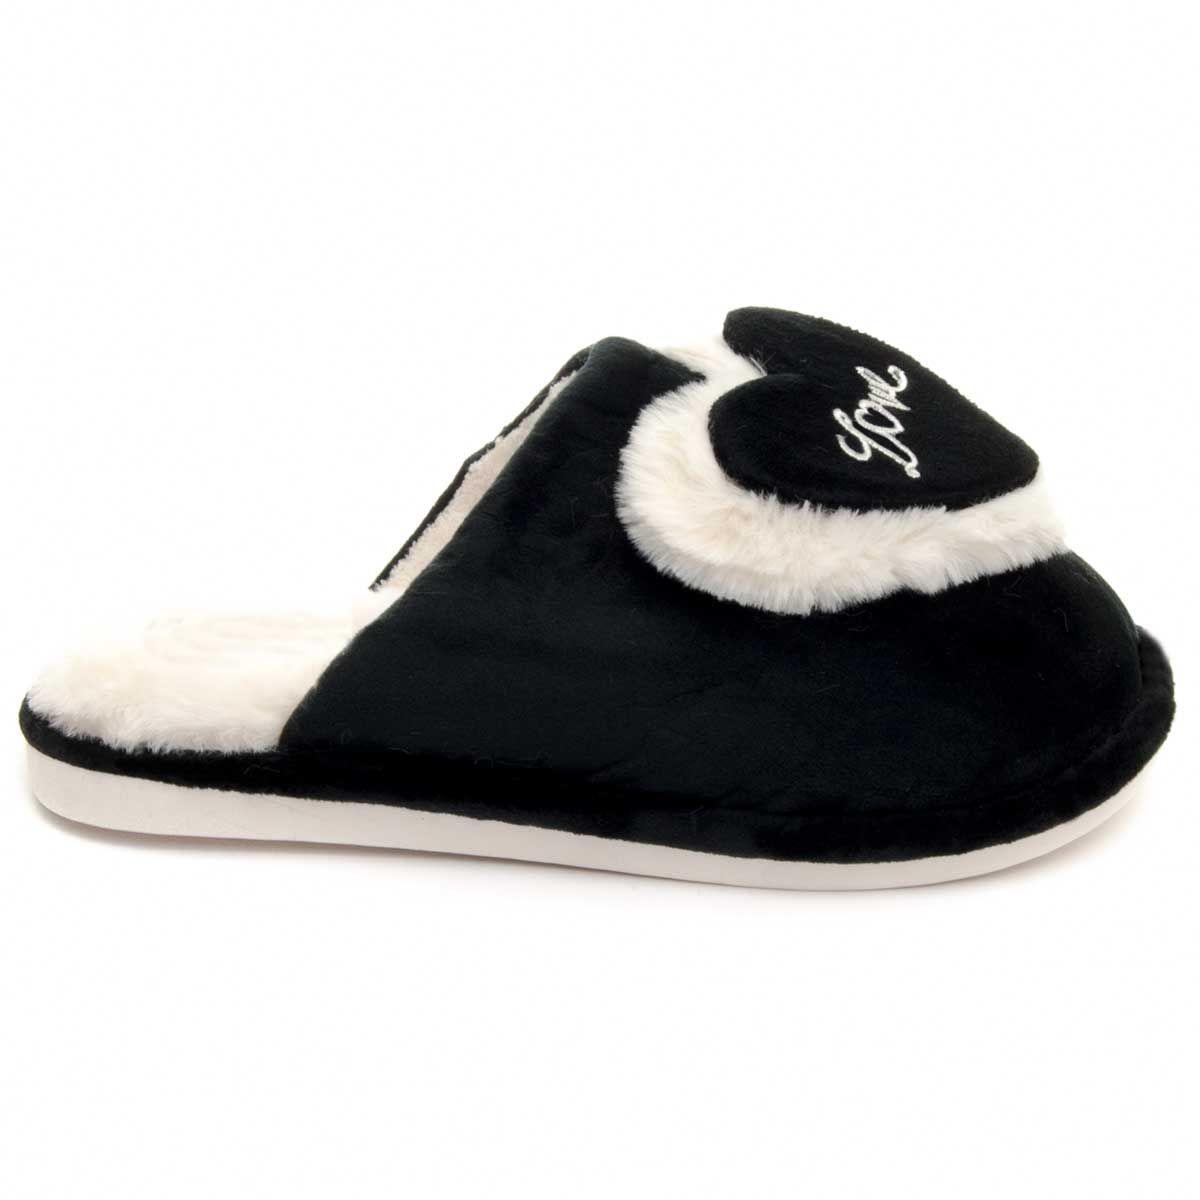 Montevita Comfortable Slipper in Black